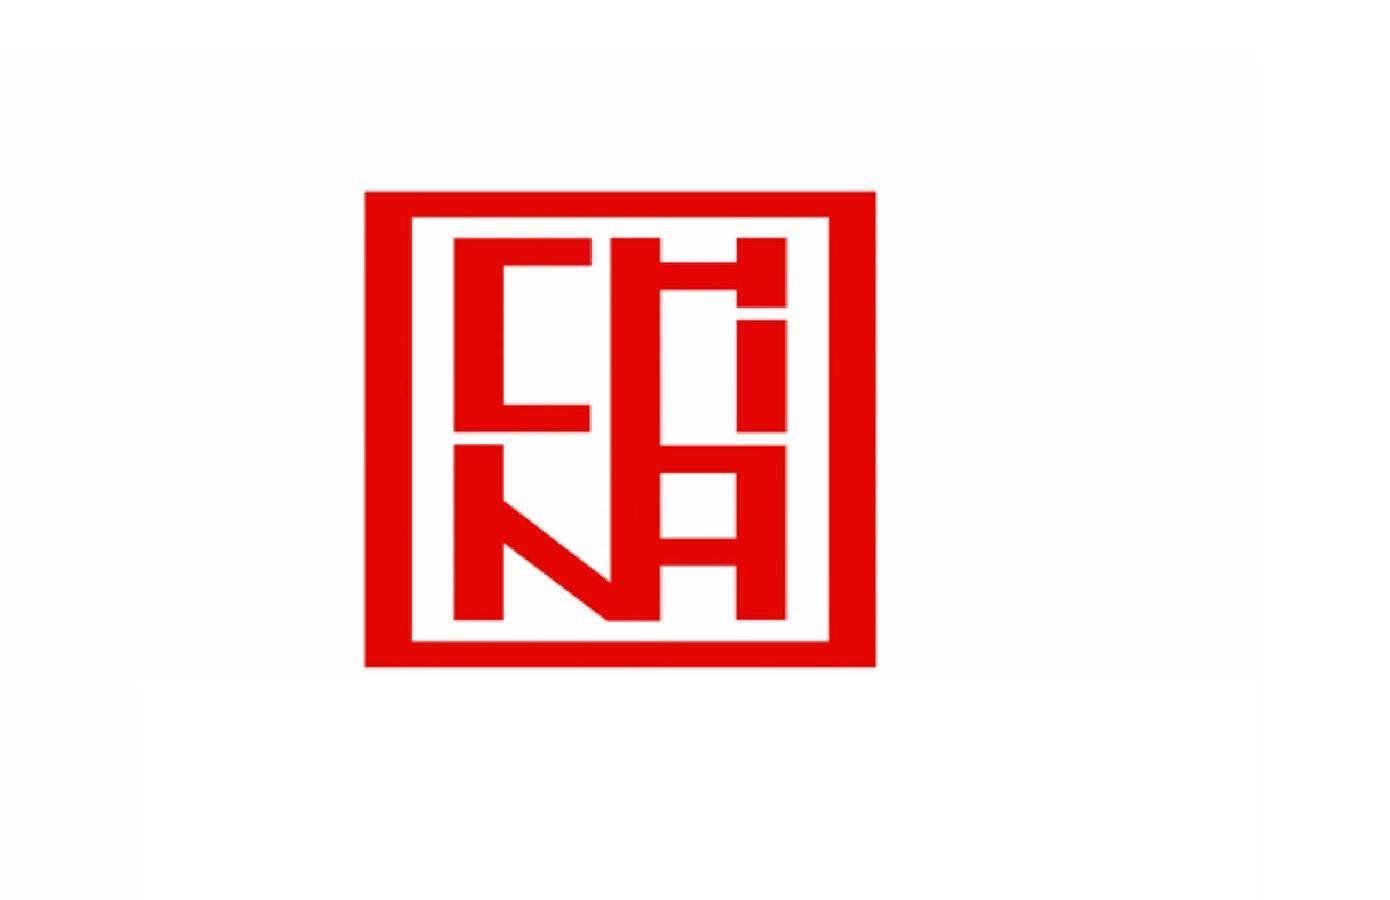 logo logo 标志 设计 矢量 矢量图 素材 图标 1390_900